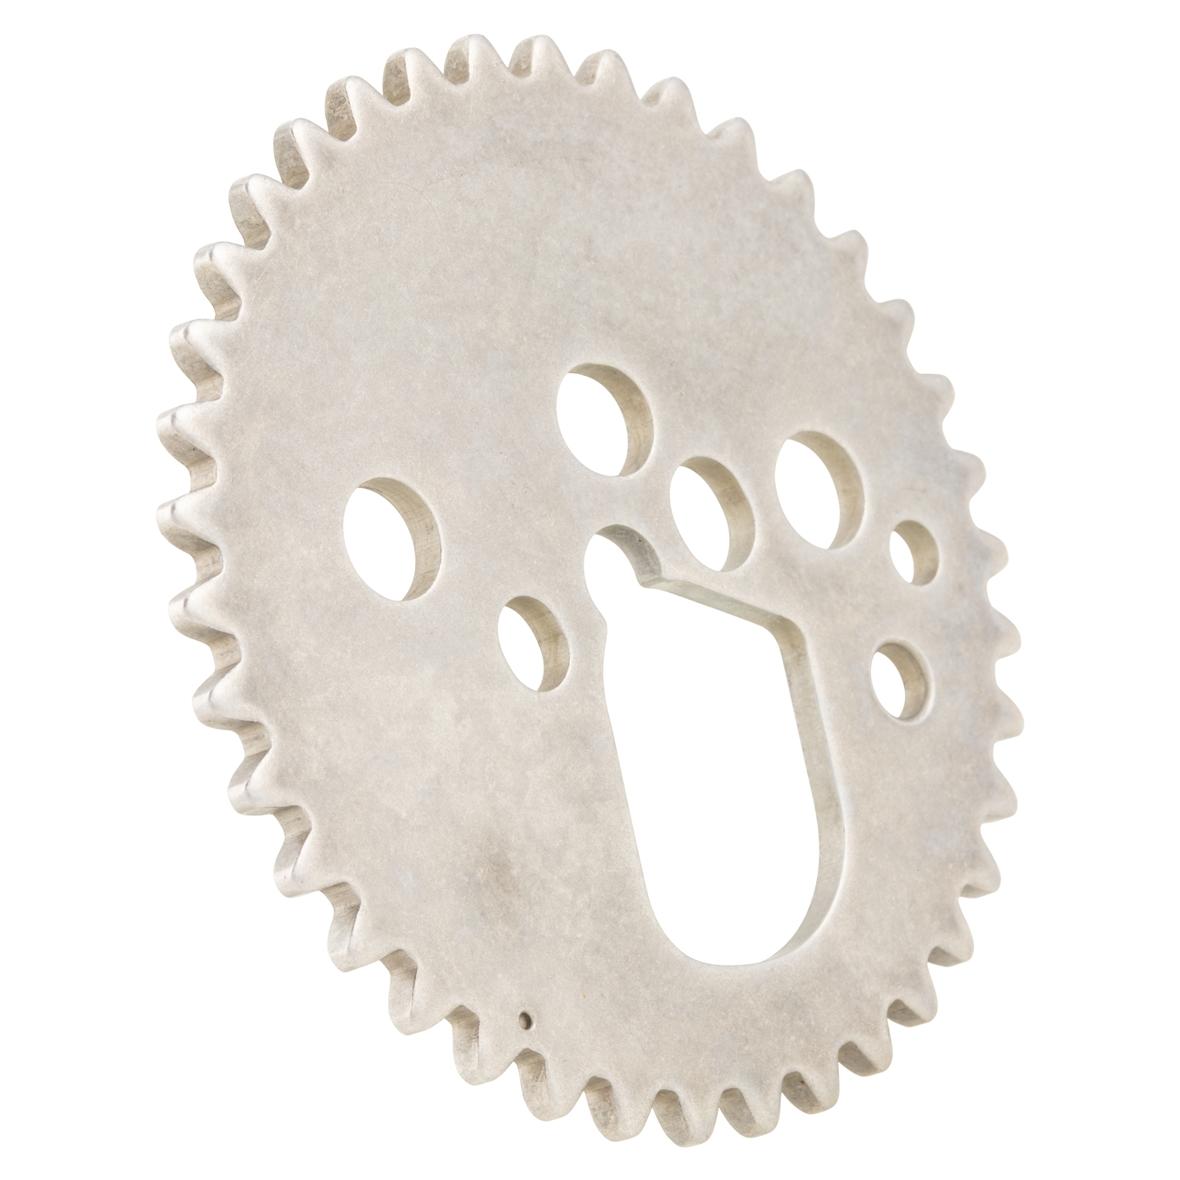 Image du produit 'Roue dentée chaîne de commande PIAGGIO (arbre à cames)'